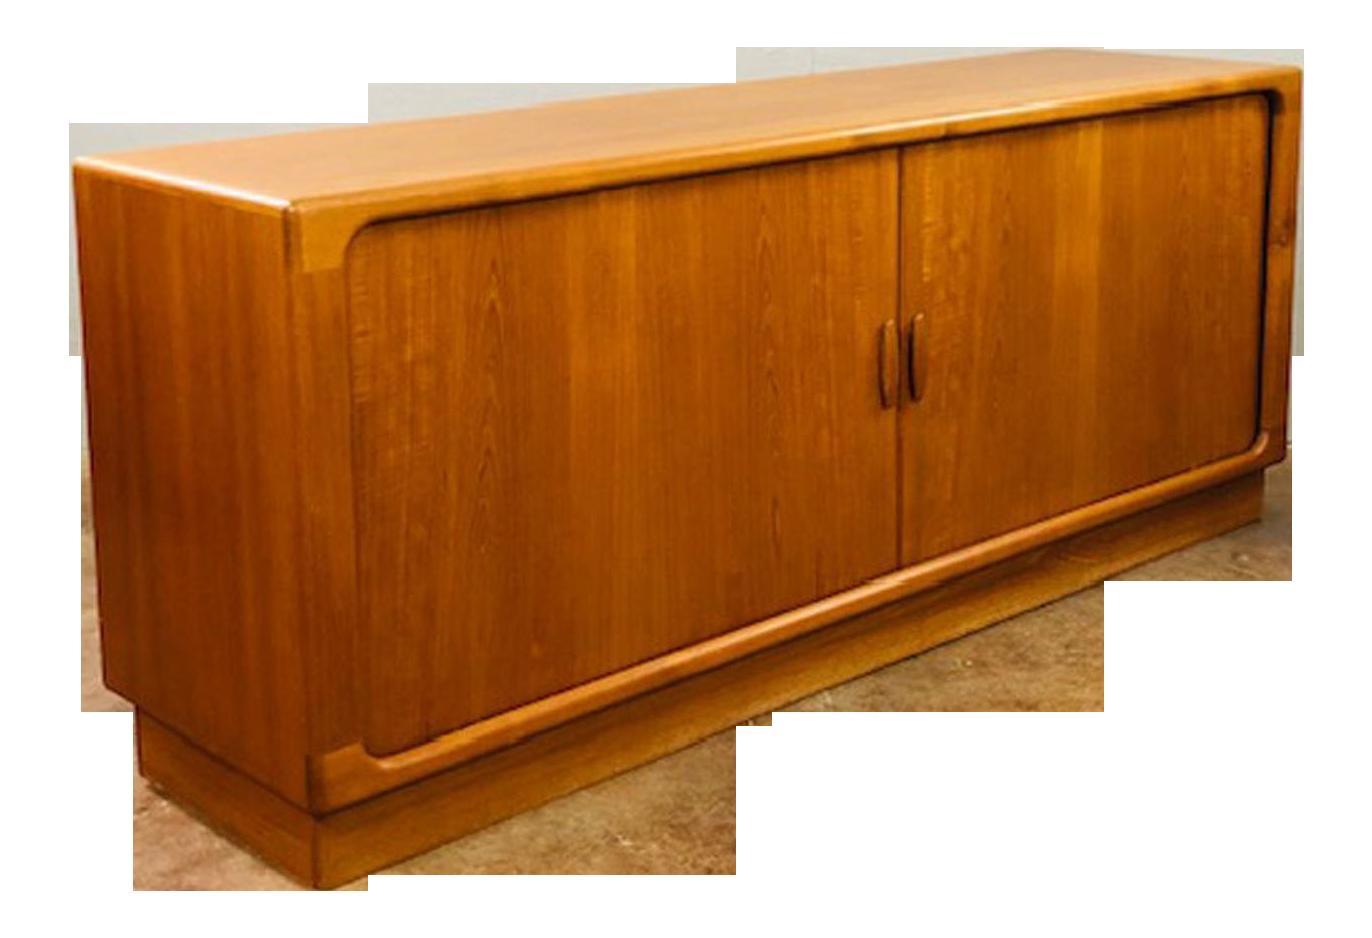 1960s Danish Credenza : S dyrlund mid century danish modern teak credenza chairish